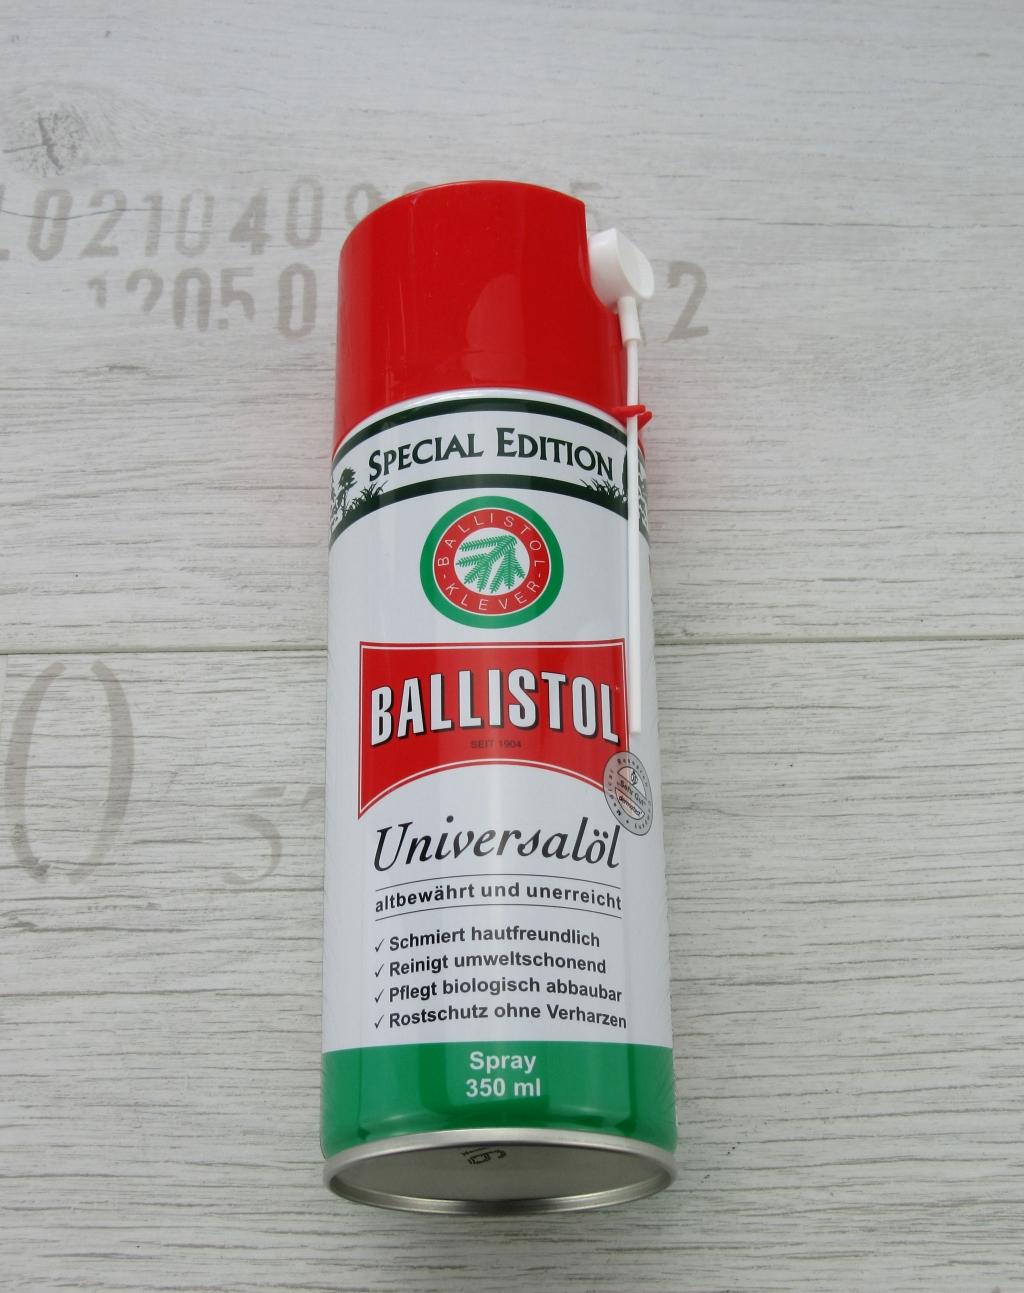 Ballistol Universalöl 350ml